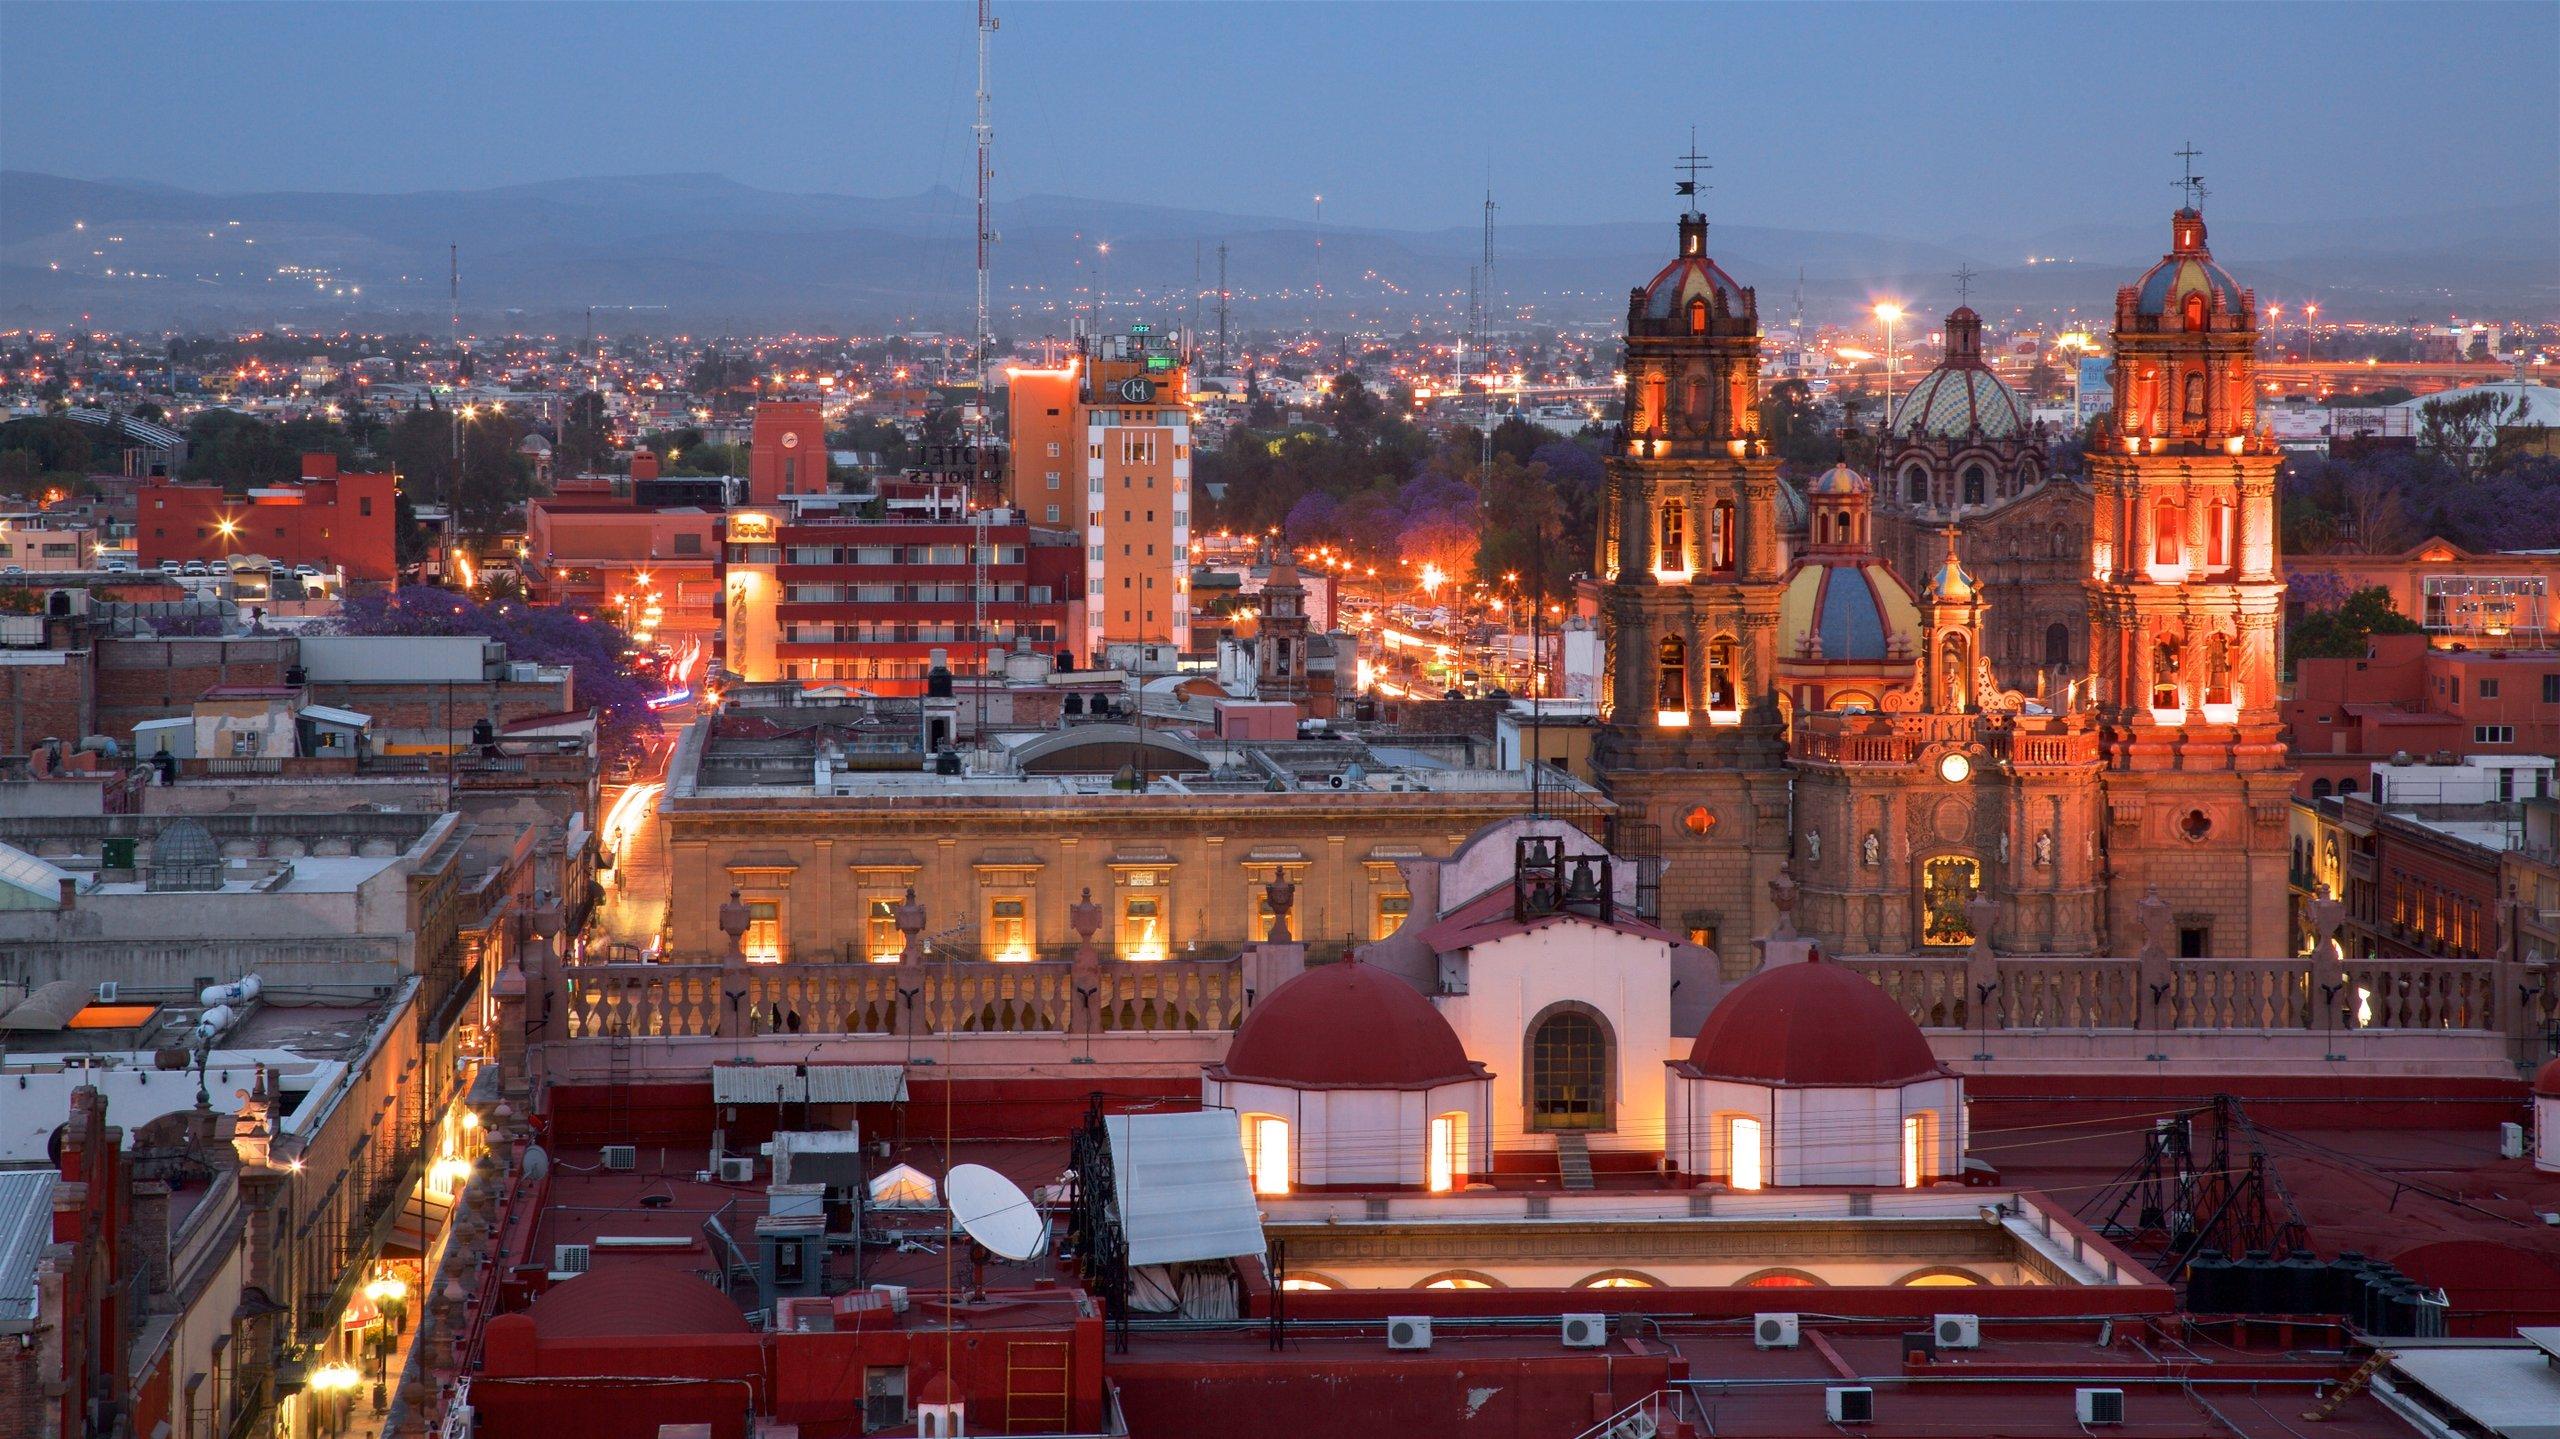 San Luis Potosí se ha desarrollado y crecido en los últimos años